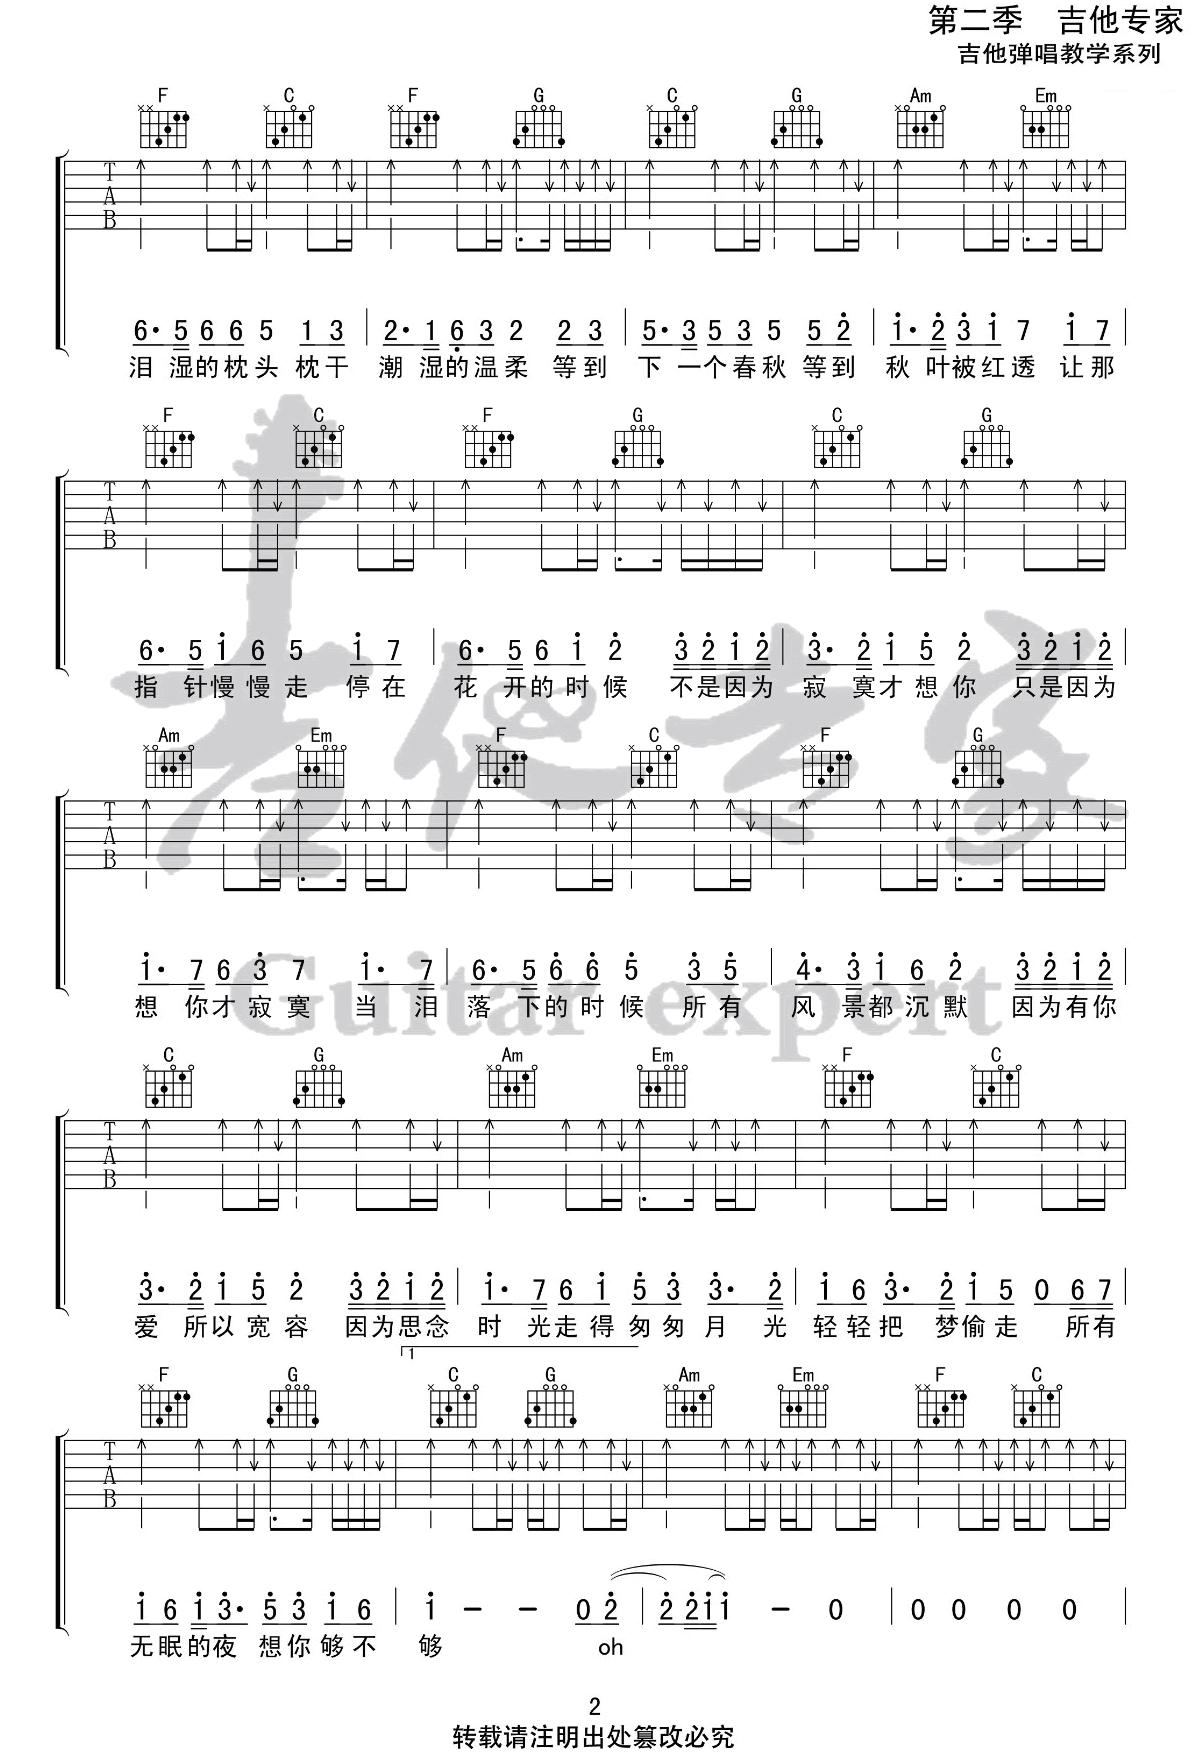 《不是因为寂寞才想你》吉他谱_王小帅_C调扫弦版弹唱六线谱2